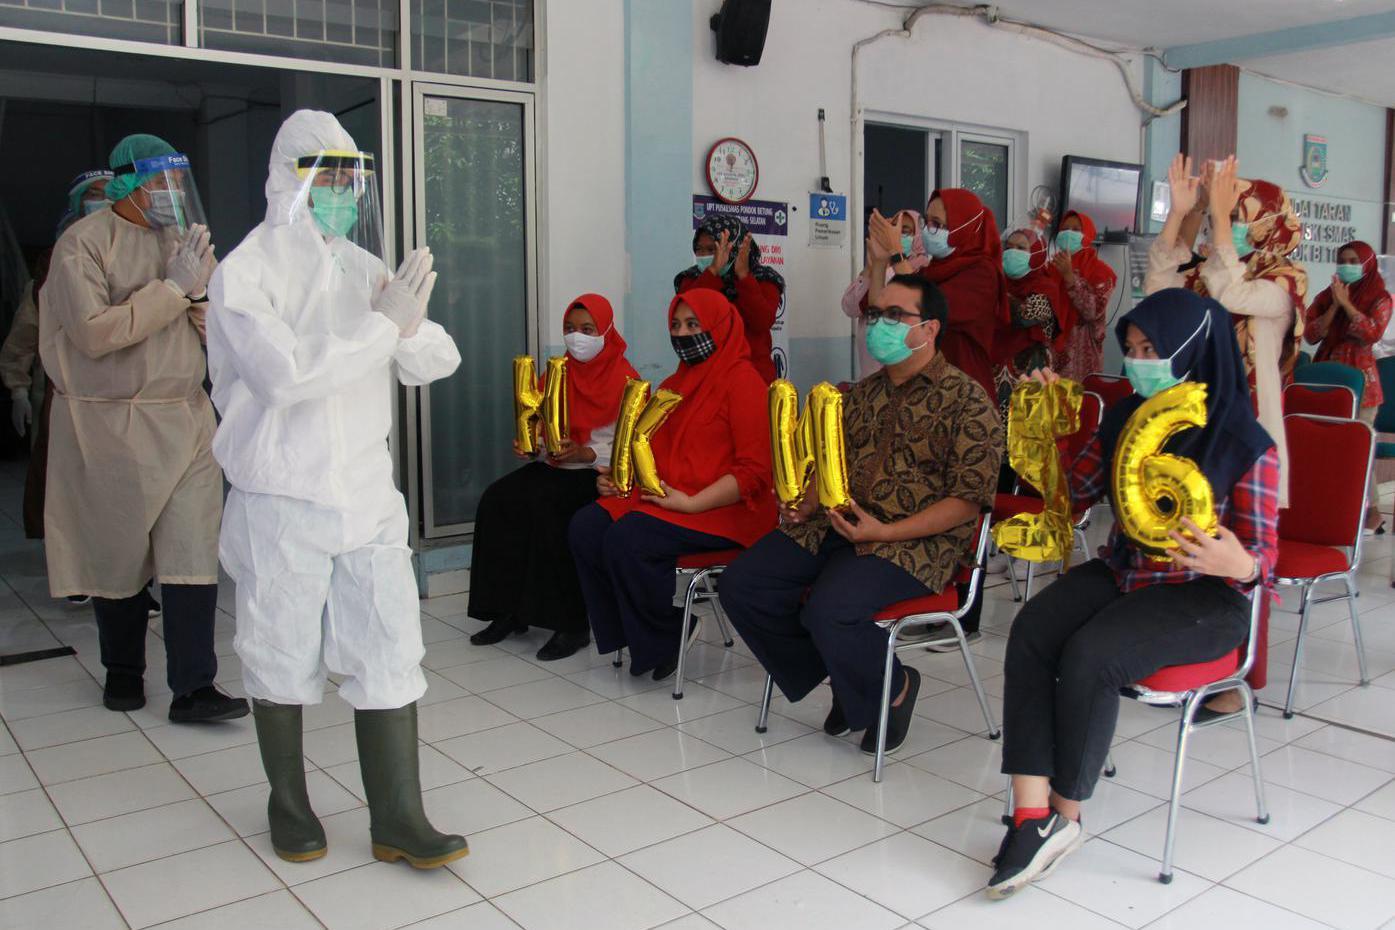 Kader kesehatan dan juga masyarakat umum memberikan tepuk tangan selama 56 detik untuk para tenaga kesehatan secara virtual di Puskesmas Pondok Betung, Tangerang Selatan, Banten, Kamis (12/11/2020). Pemberian tepuk tangan dilaksanakan dalam rangka memperingati Hari Kesehatan Nasional Ke- 56, sebagai bentuk apresiasi kepada para pejuang pencegahan penularan COVID-19.